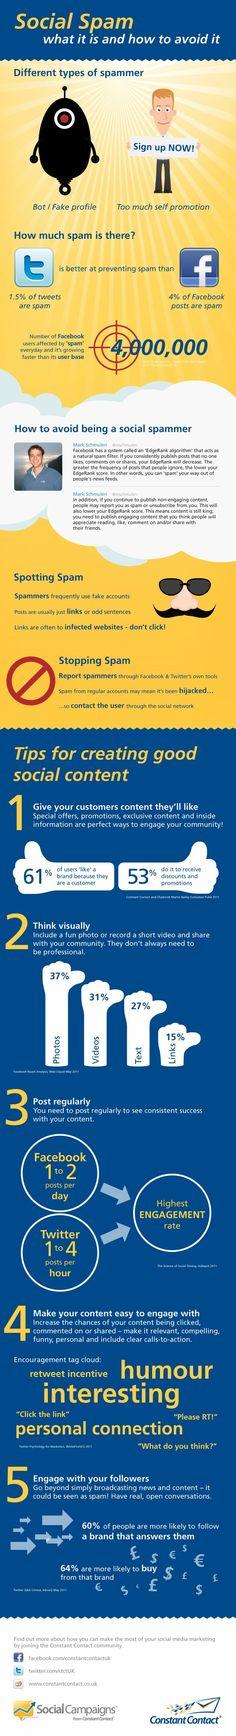 Social Spam y 5 Consejos para Crear Buenos Contenidos Sociales